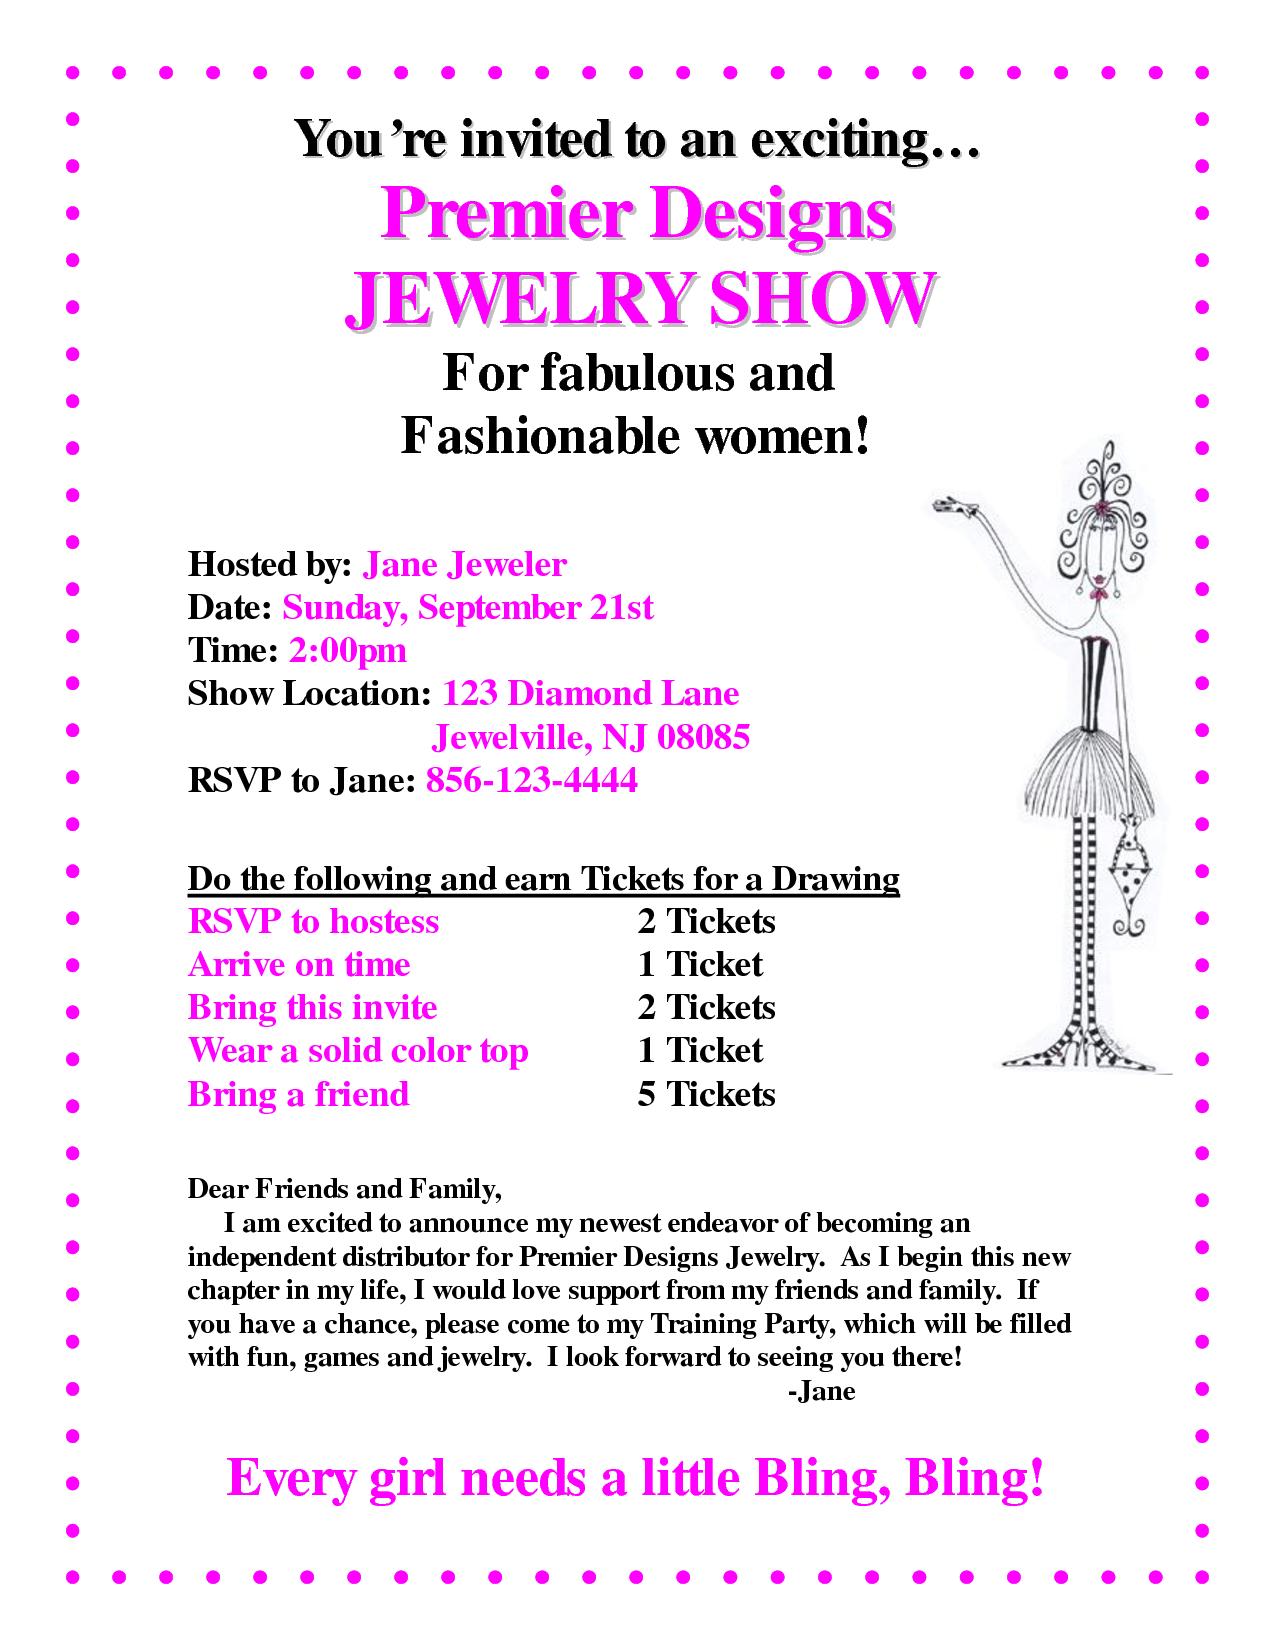 Premier Designs Jewelry Invitation Template